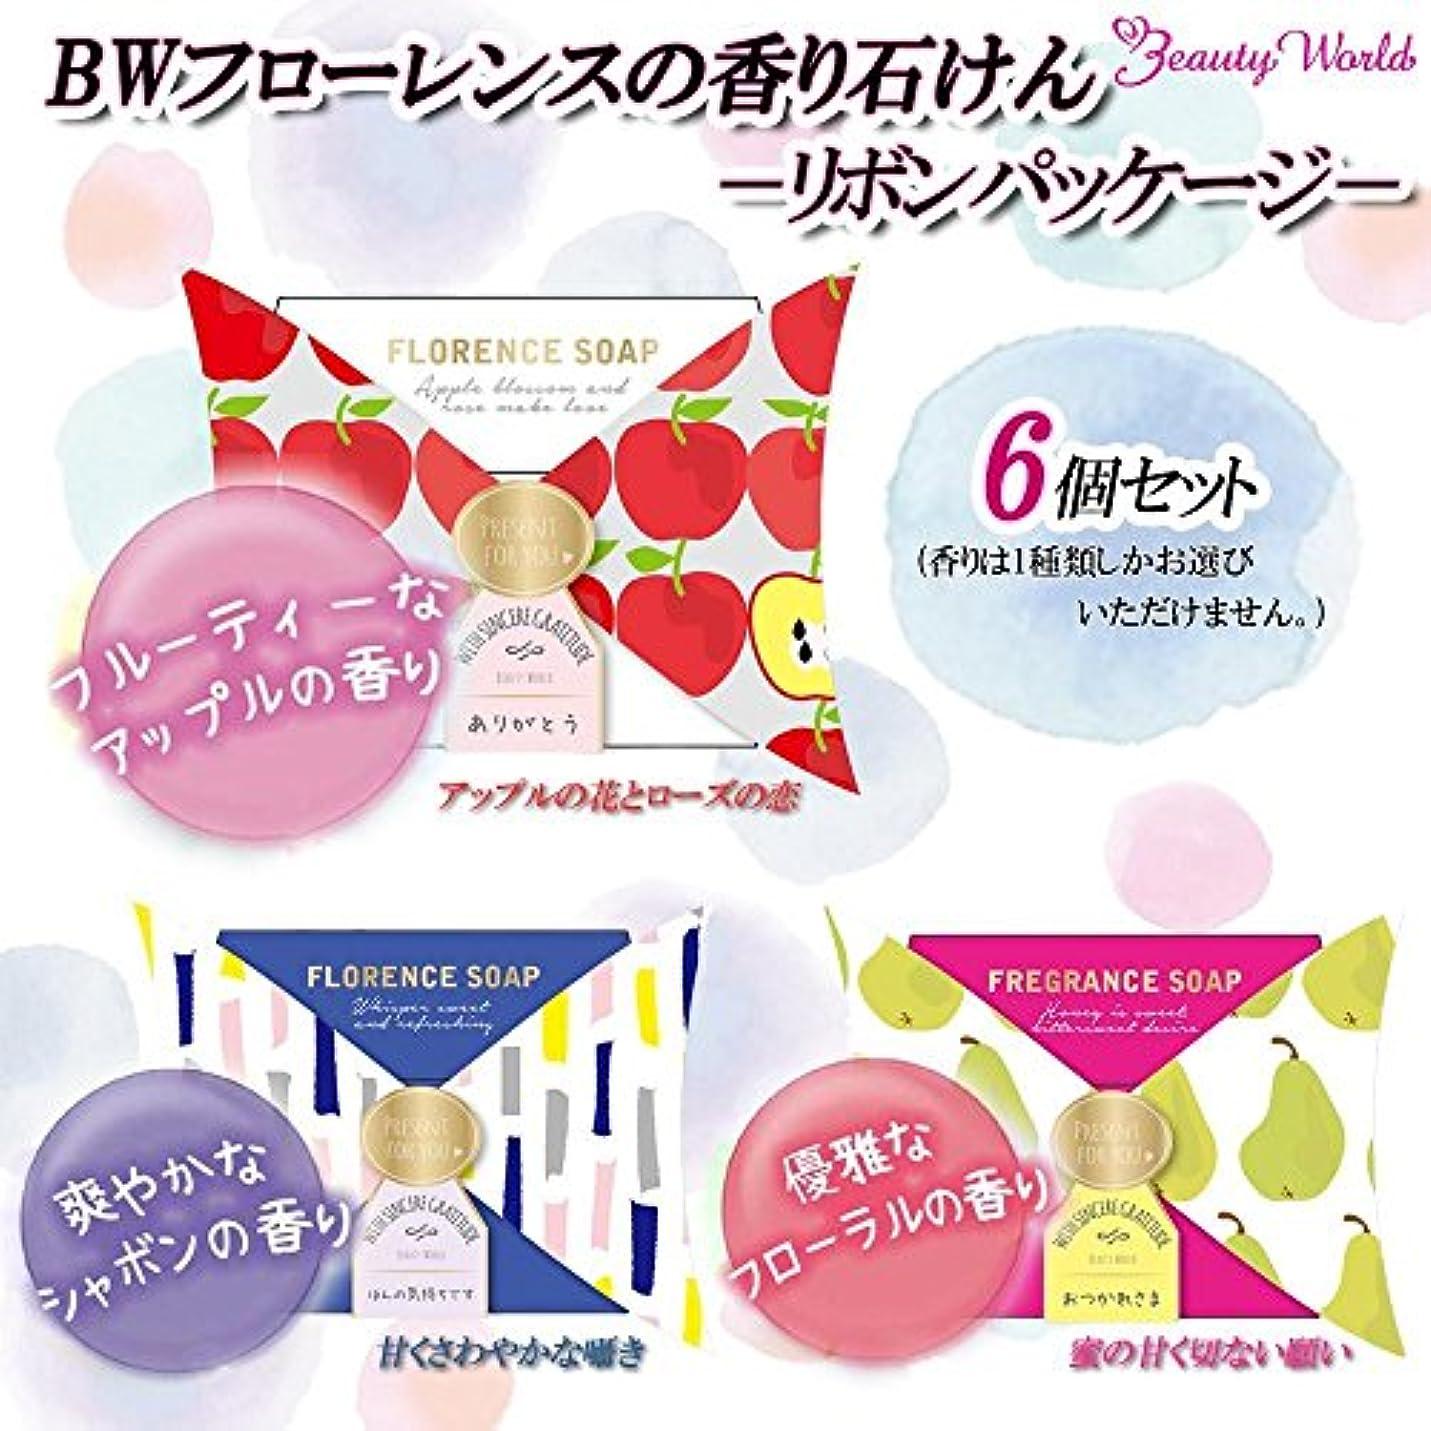 家庭サリーまた明日ねビューティーワールド BWフローレンスの香り石けん リボンパッケージ 6個セット ■3種類の内「FSP386?蜜の甘く切ない願い」を1点のみです